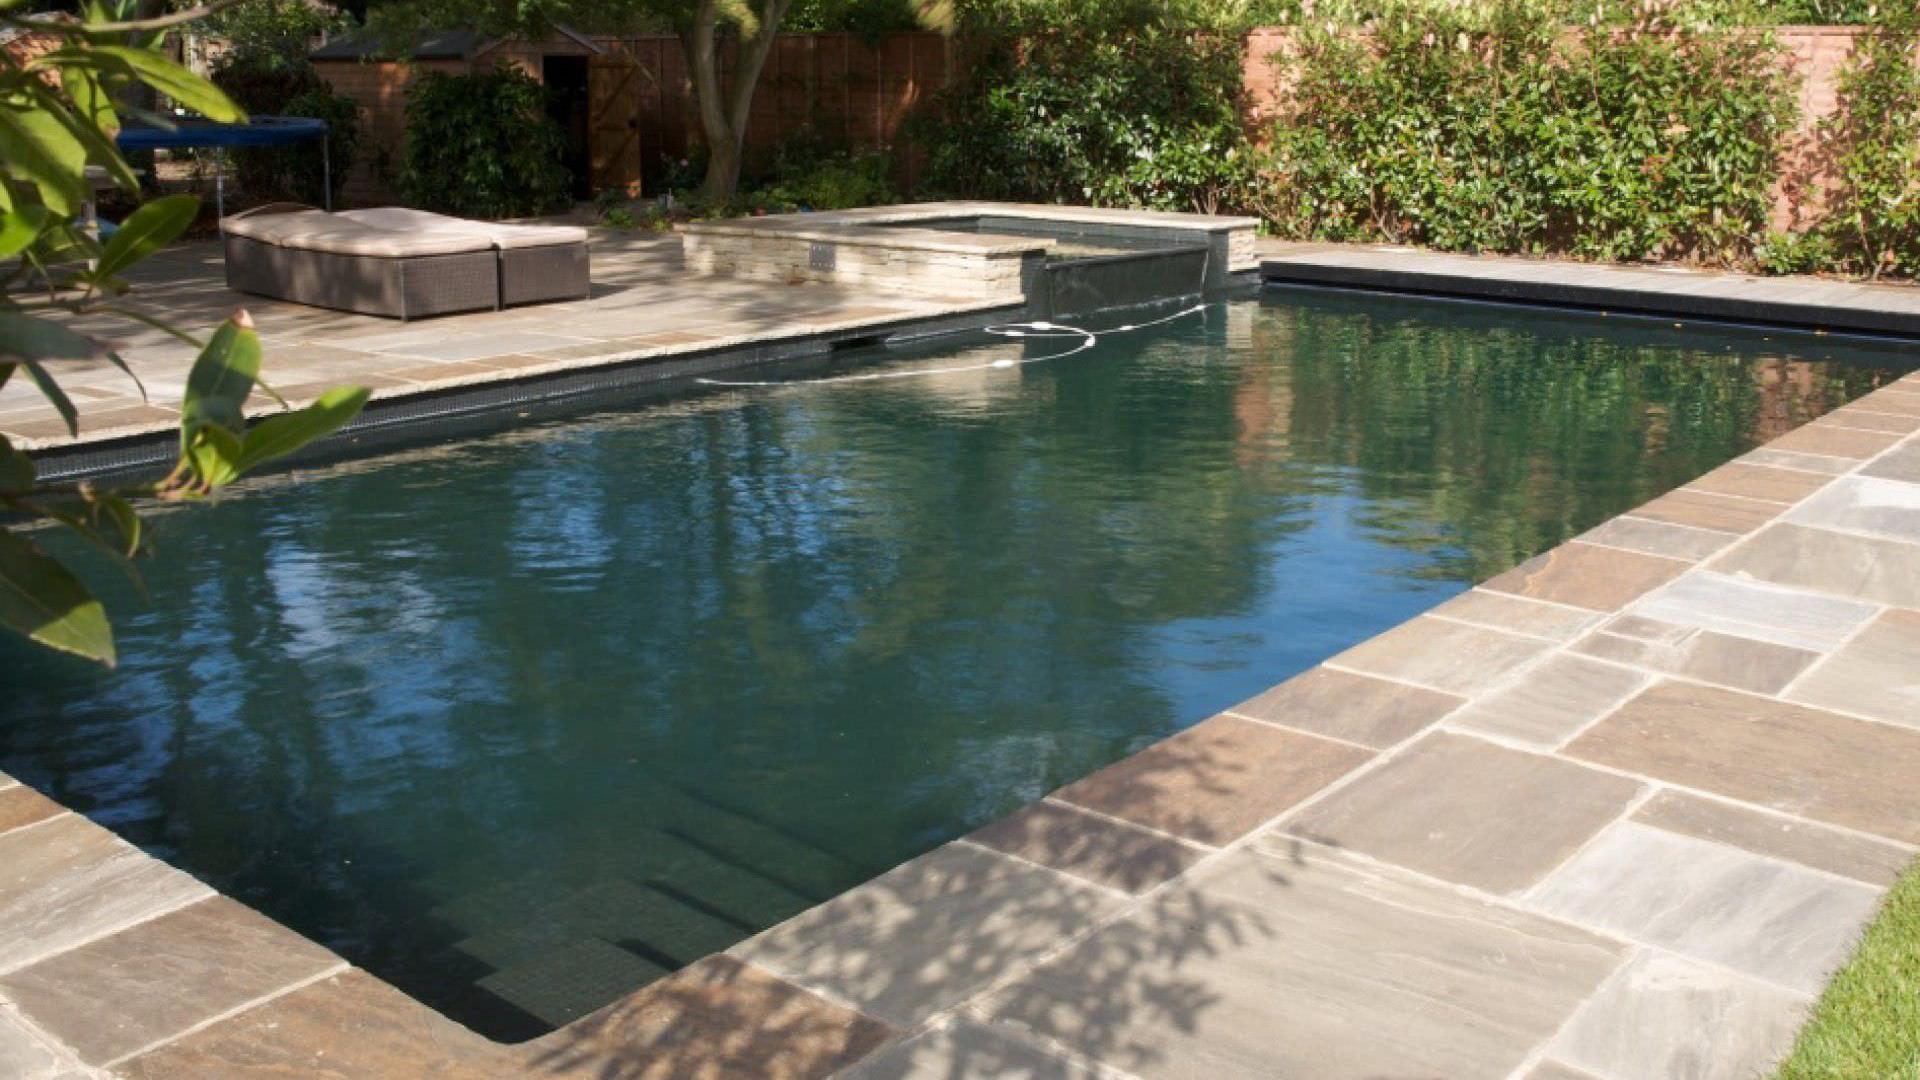 Pulizia manutenzione piscine bergamo pietranova - Piscine in pietra ...